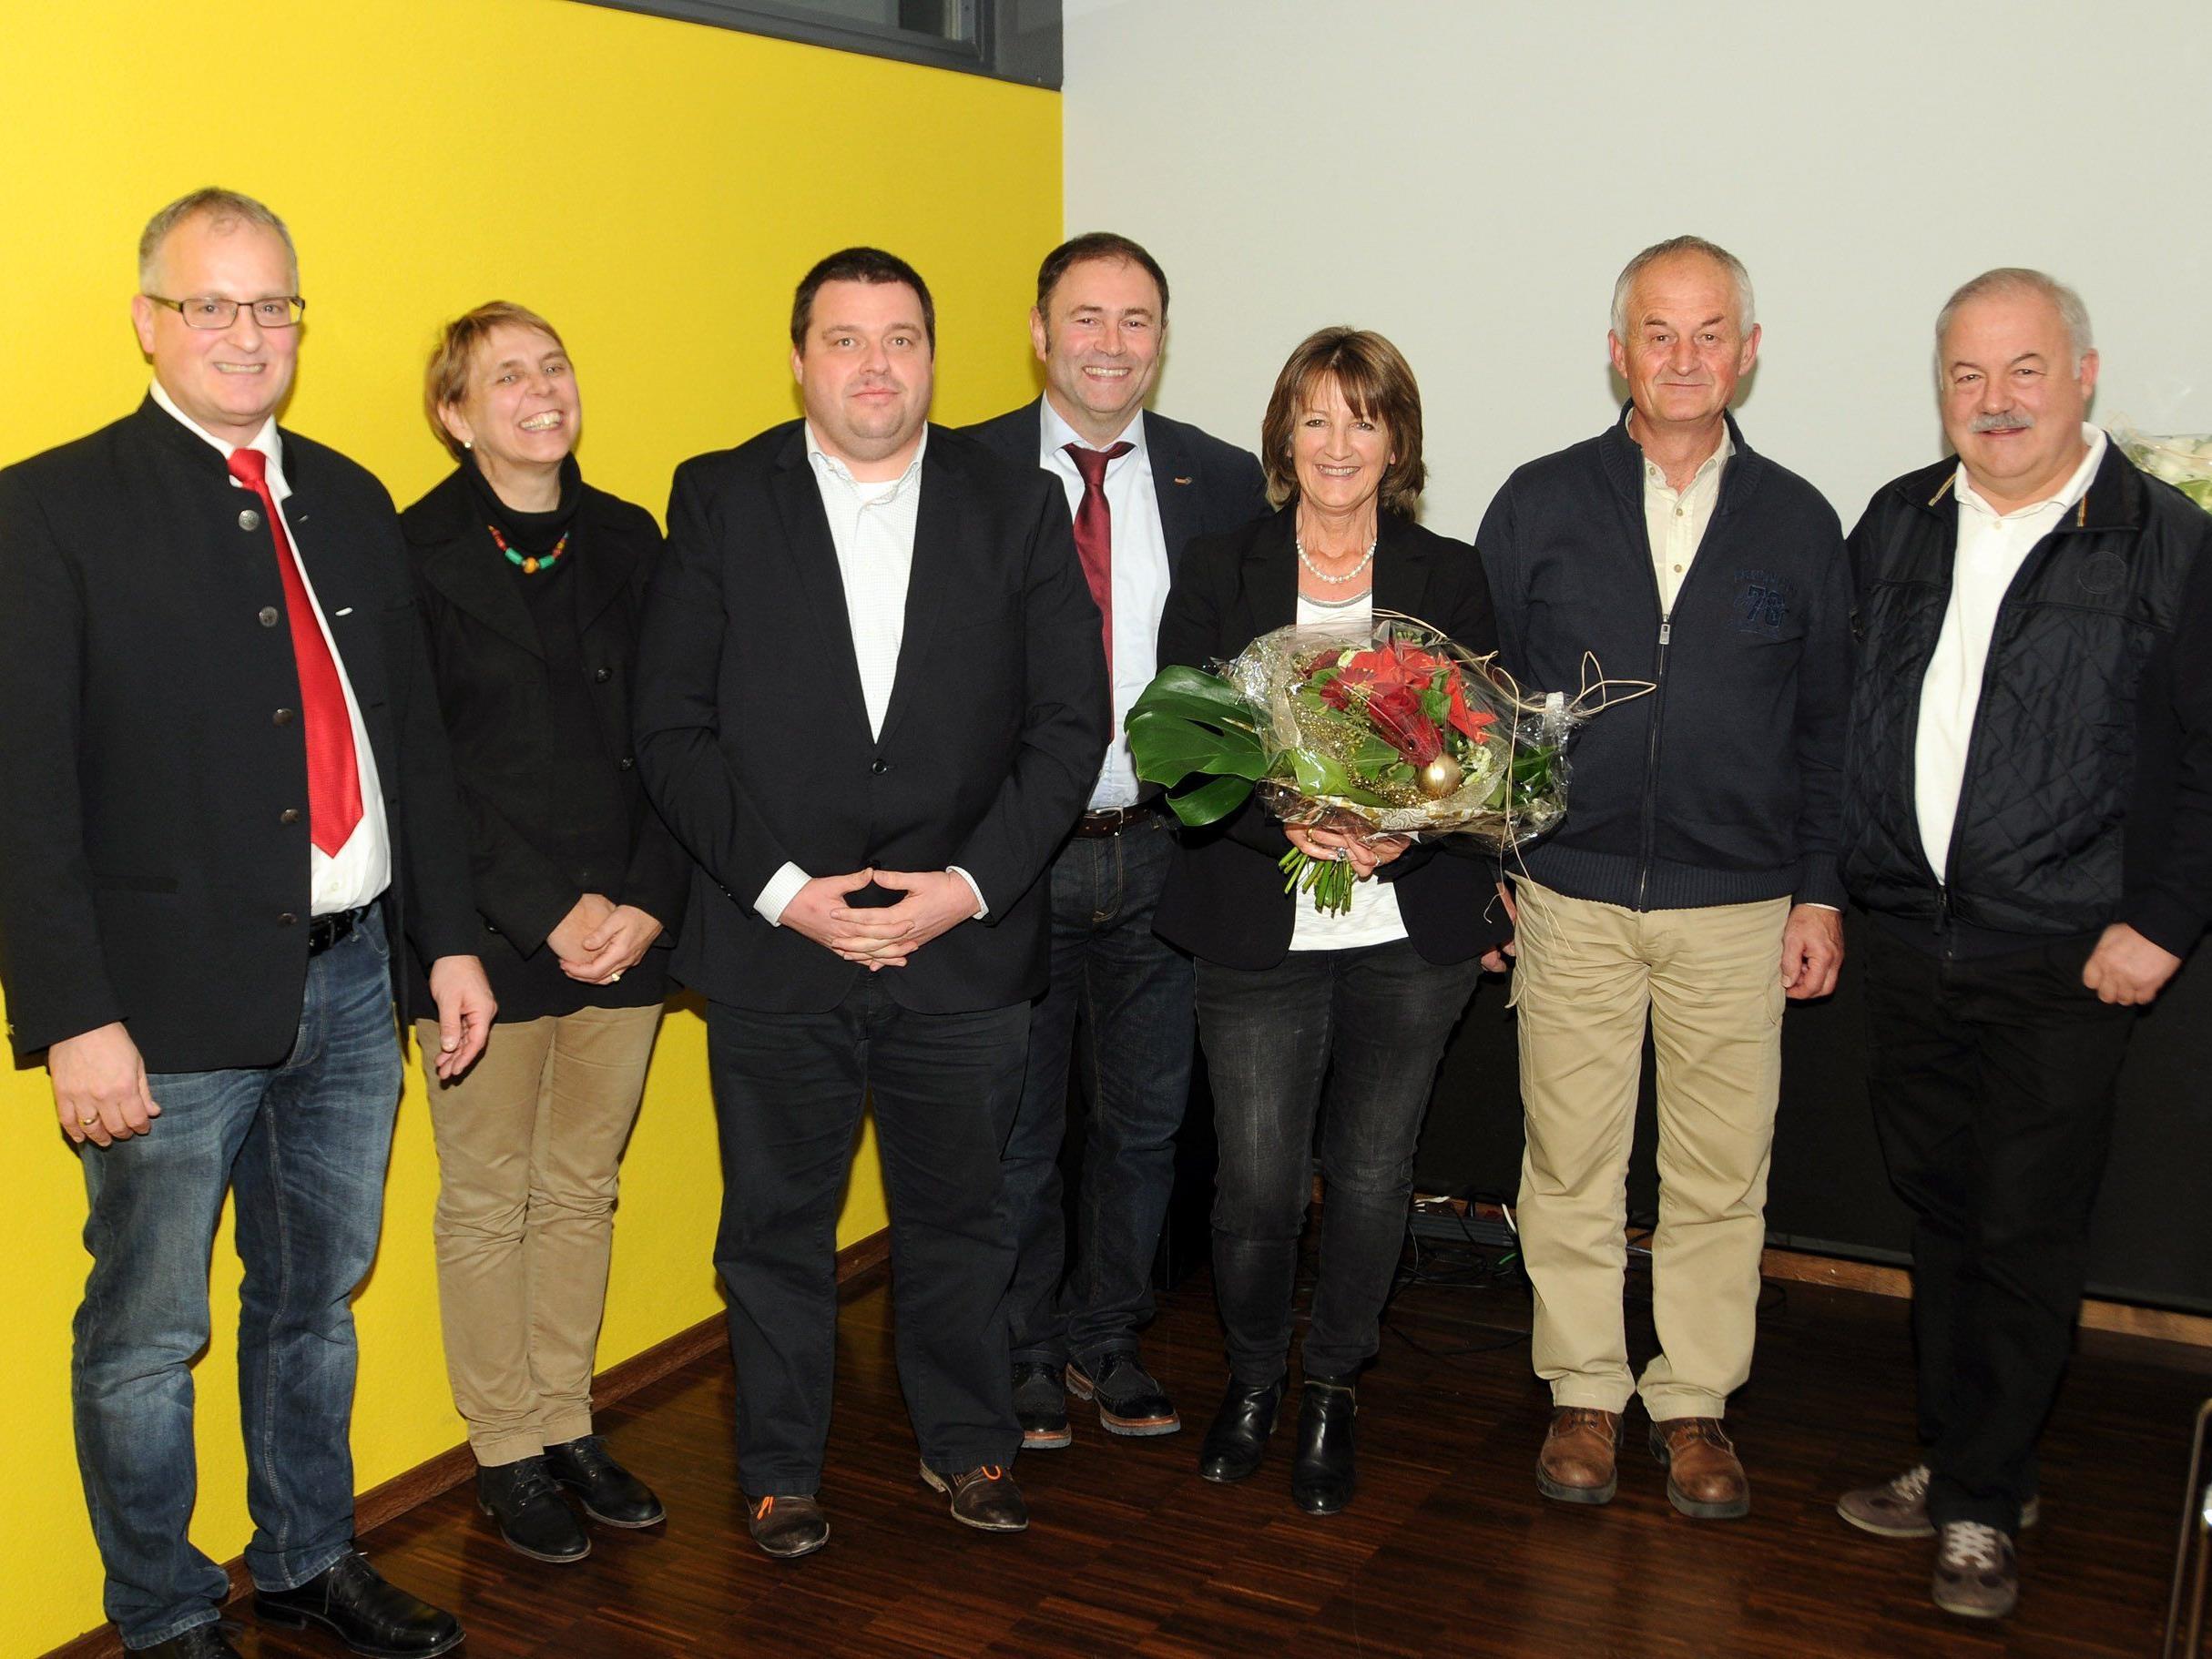 Partnersuche in Radeberg - Fuach kleinanzeigen bekanntschaften